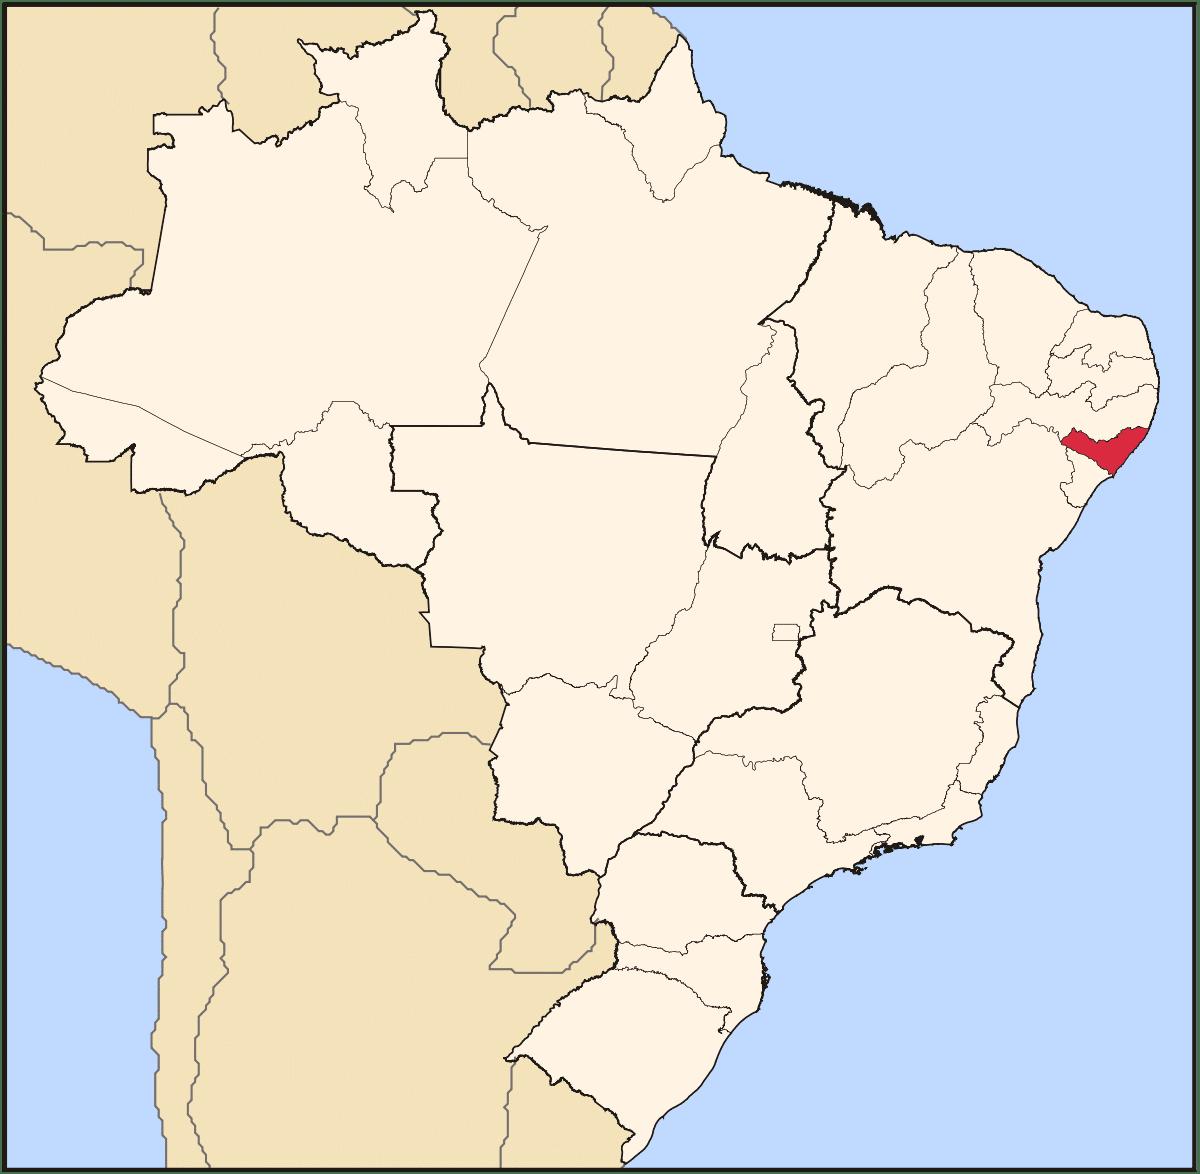 Quilombo dos Palmares, dove sorse la comunità di schiavi fuggiti nel Brasile coloniale. Si trovava nella Capitaneria di Pernambuco, oggi nello stato brasiliano di Alagoas